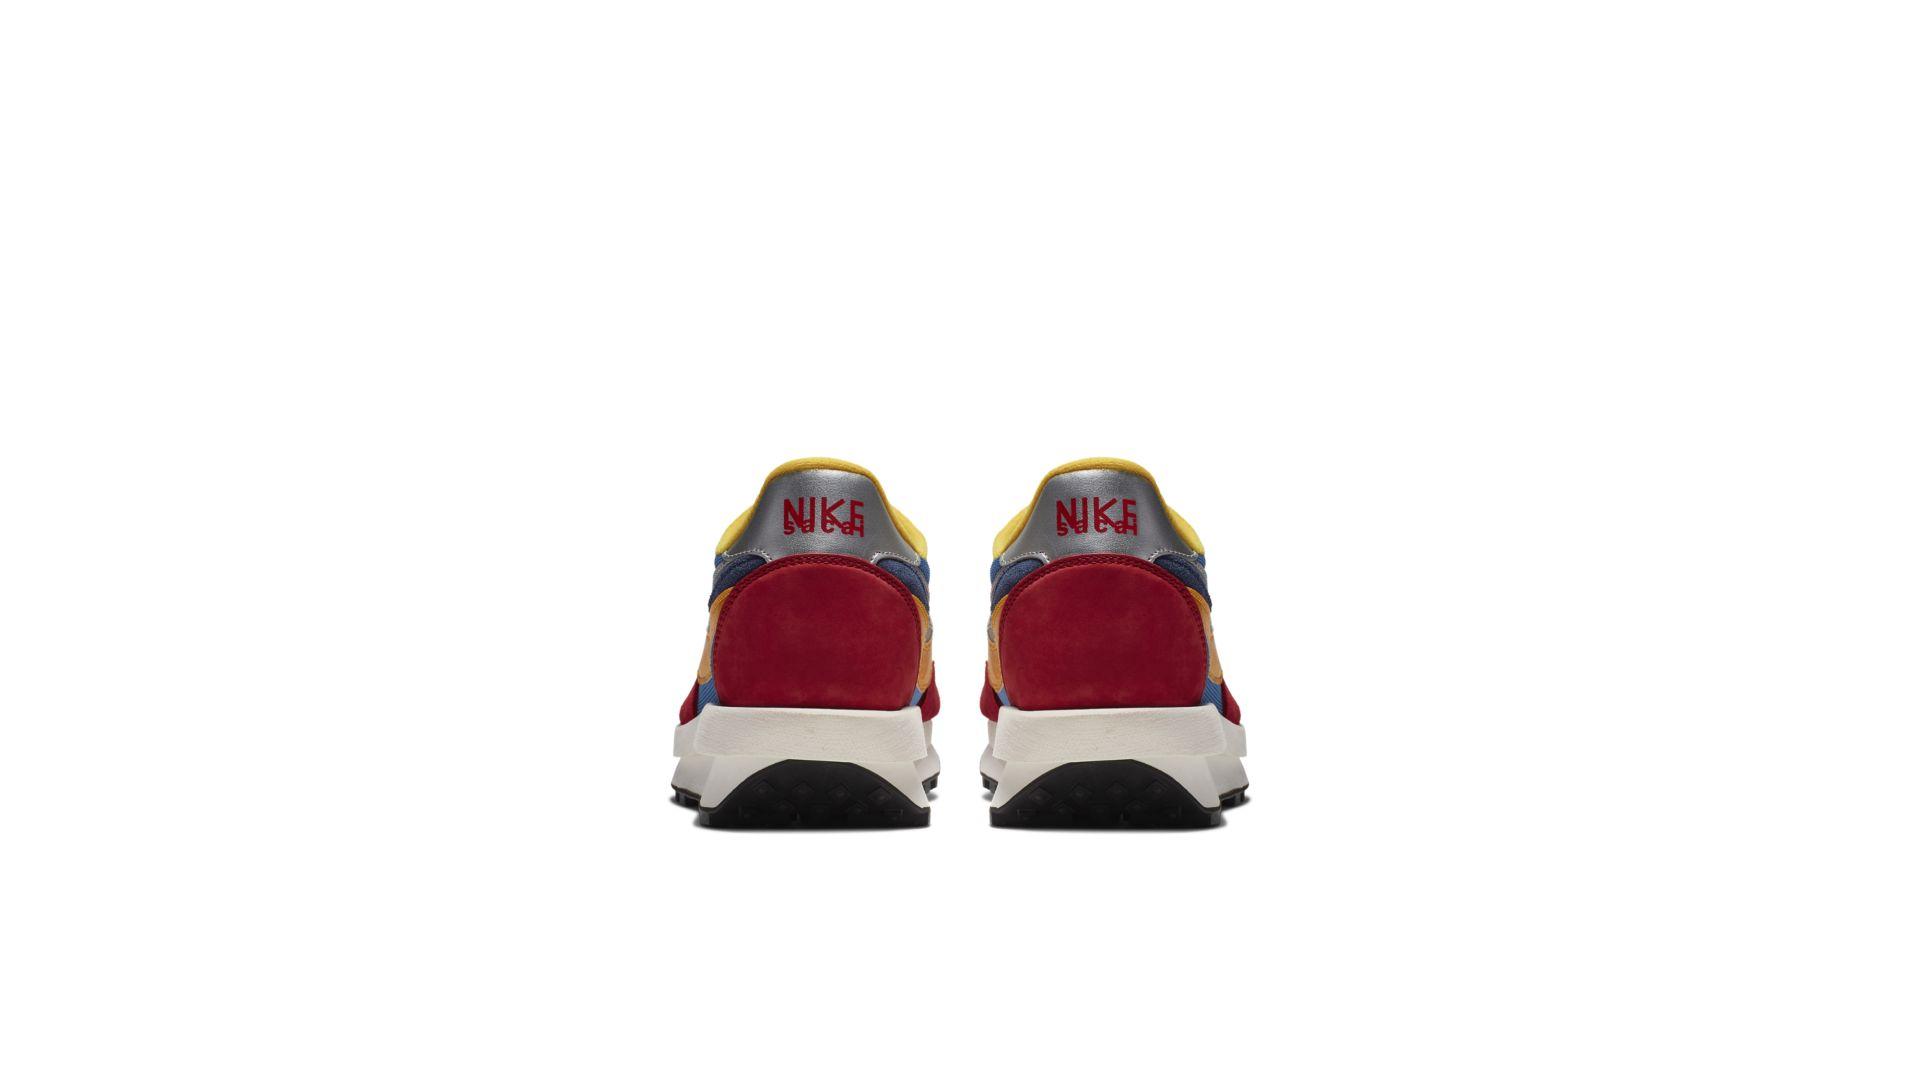 Sacai X Nike LDV Waffle 'Varsity Blue' (BV0073-400)